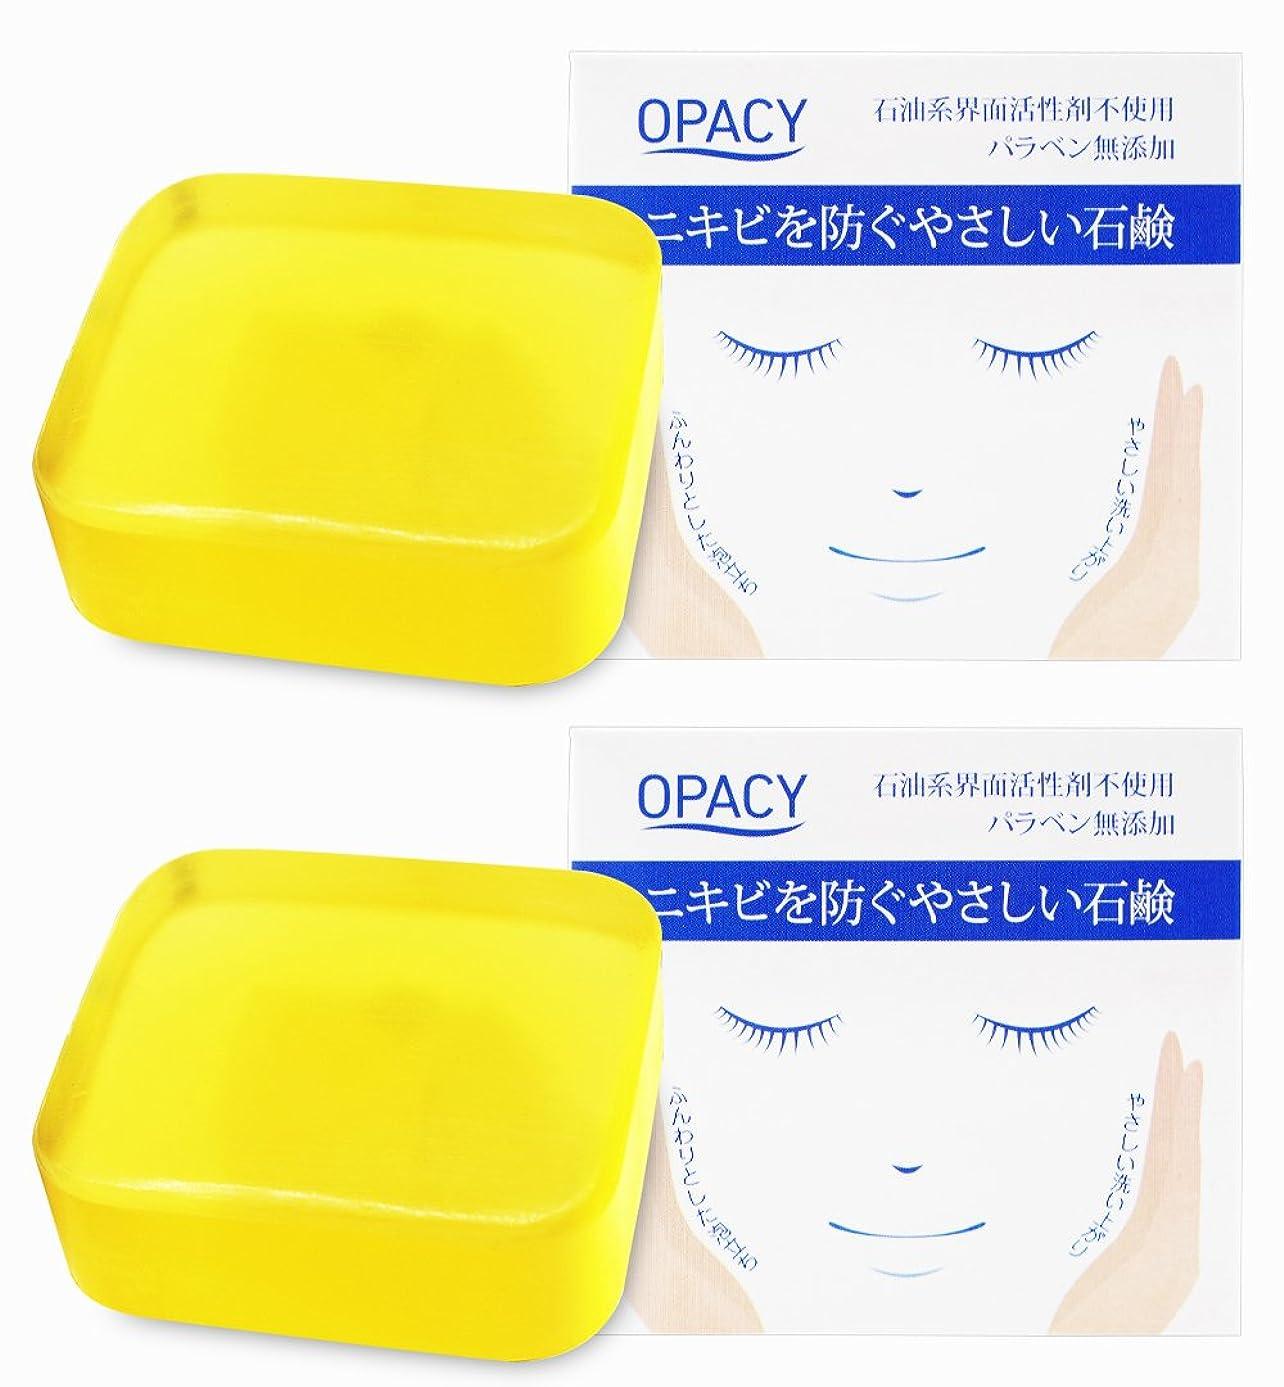 コジオスコ消す飛び込む【2個セット】オパシー石鹸100g (2個)